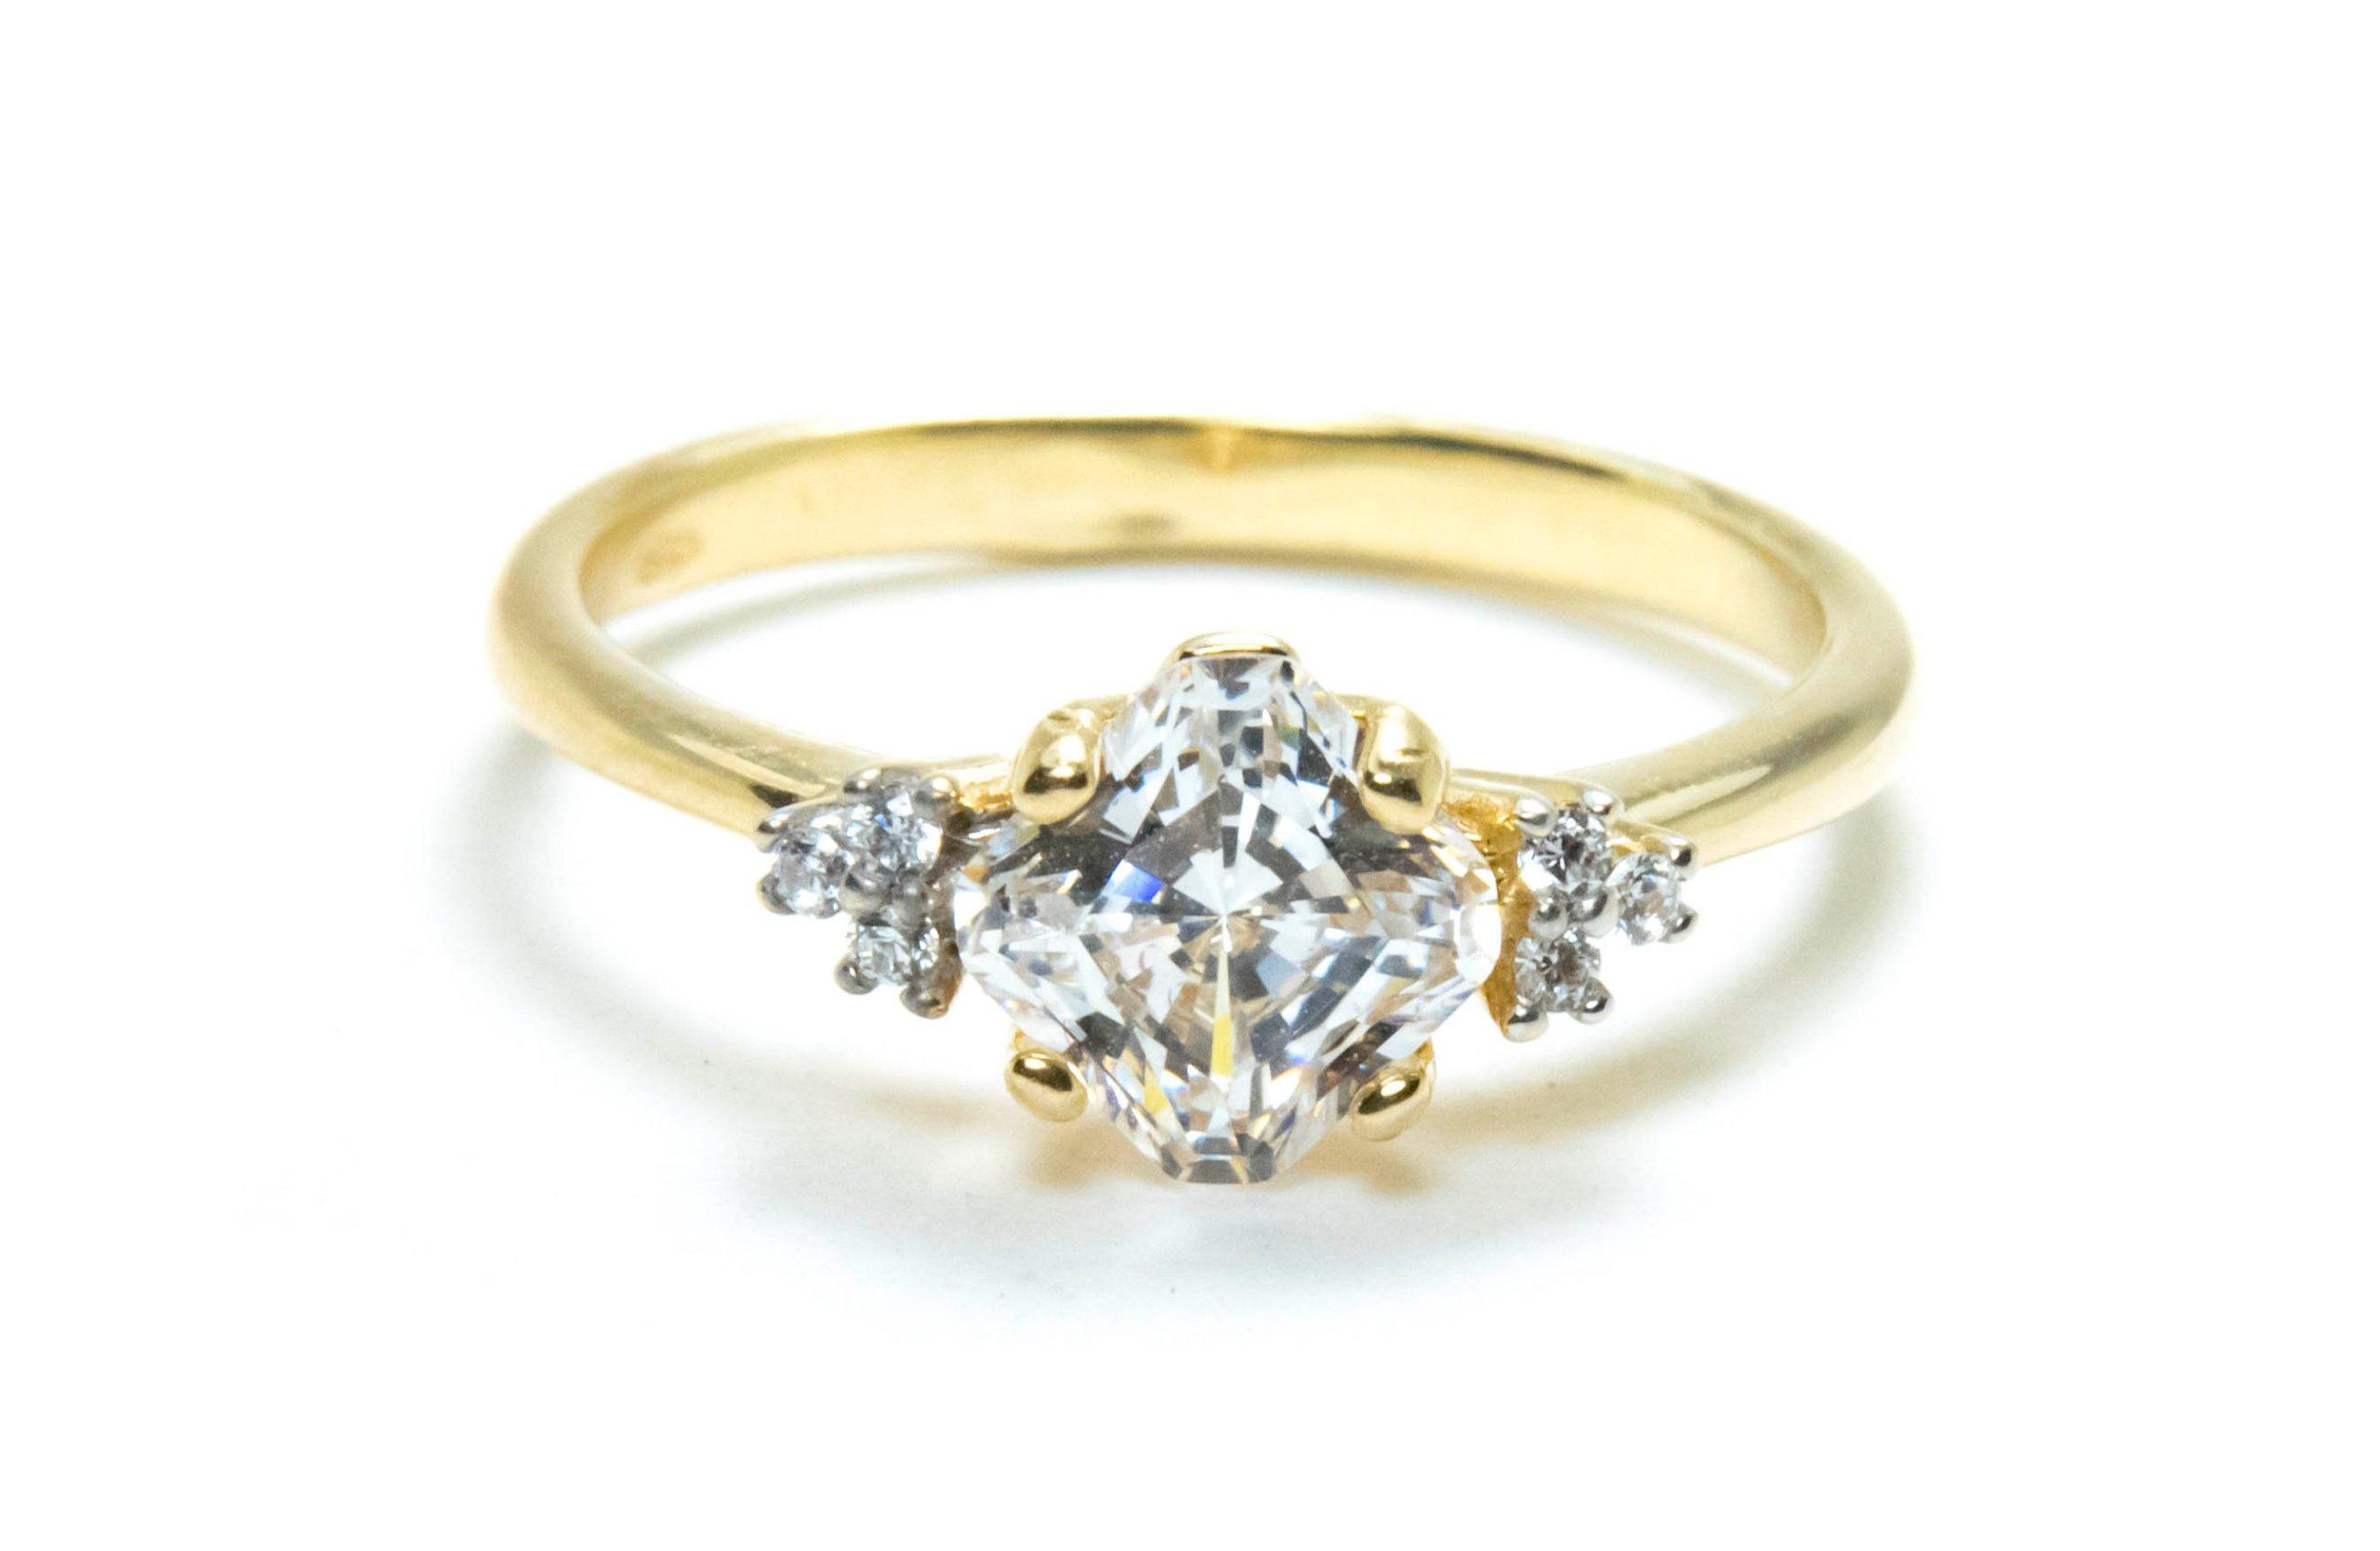 Złoty Pierścionek Zaręczynowy Cyrkonie Grawer 7383527784